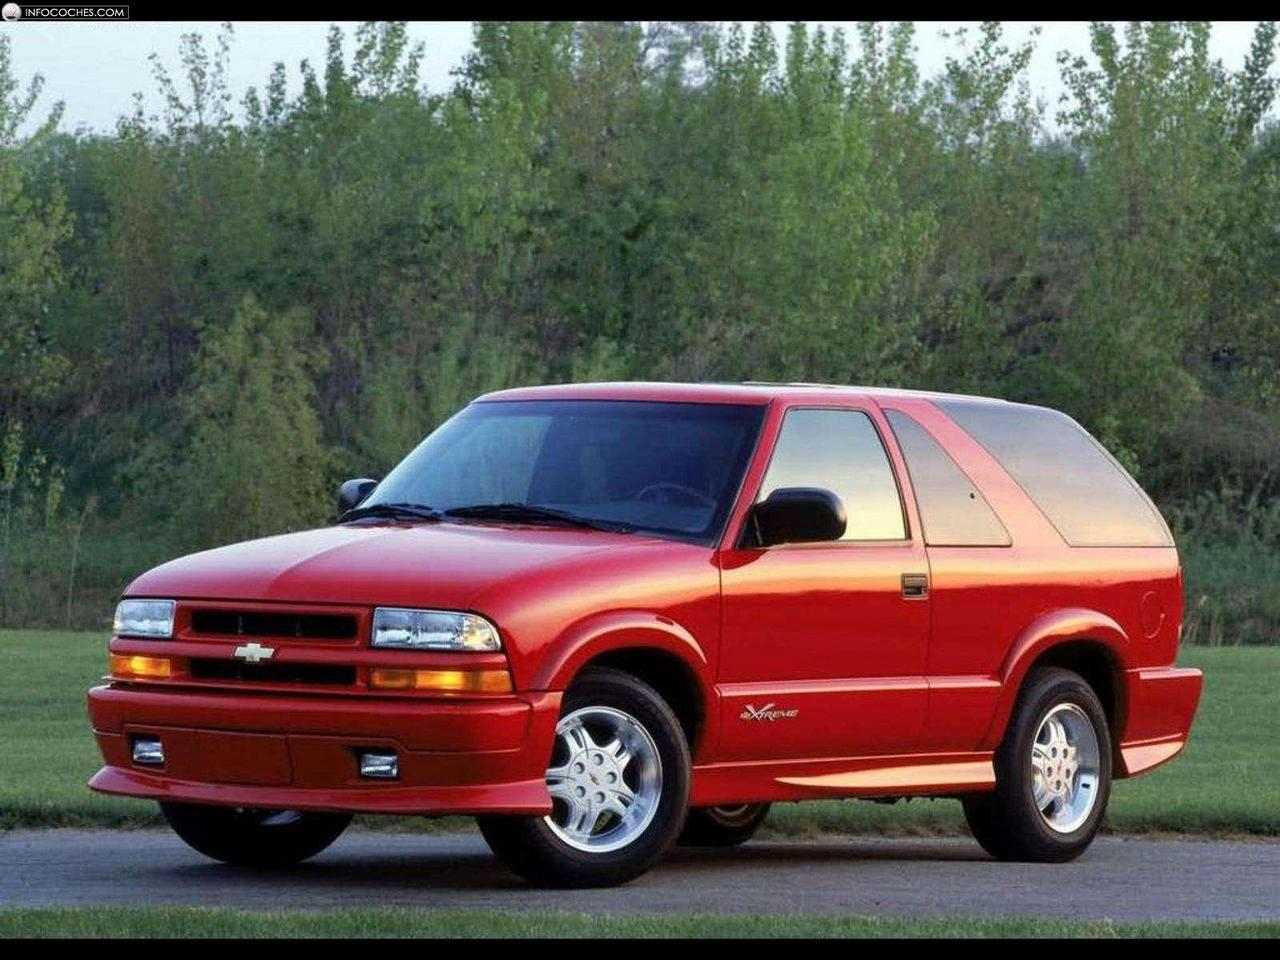 Chevrolet blazer extreme